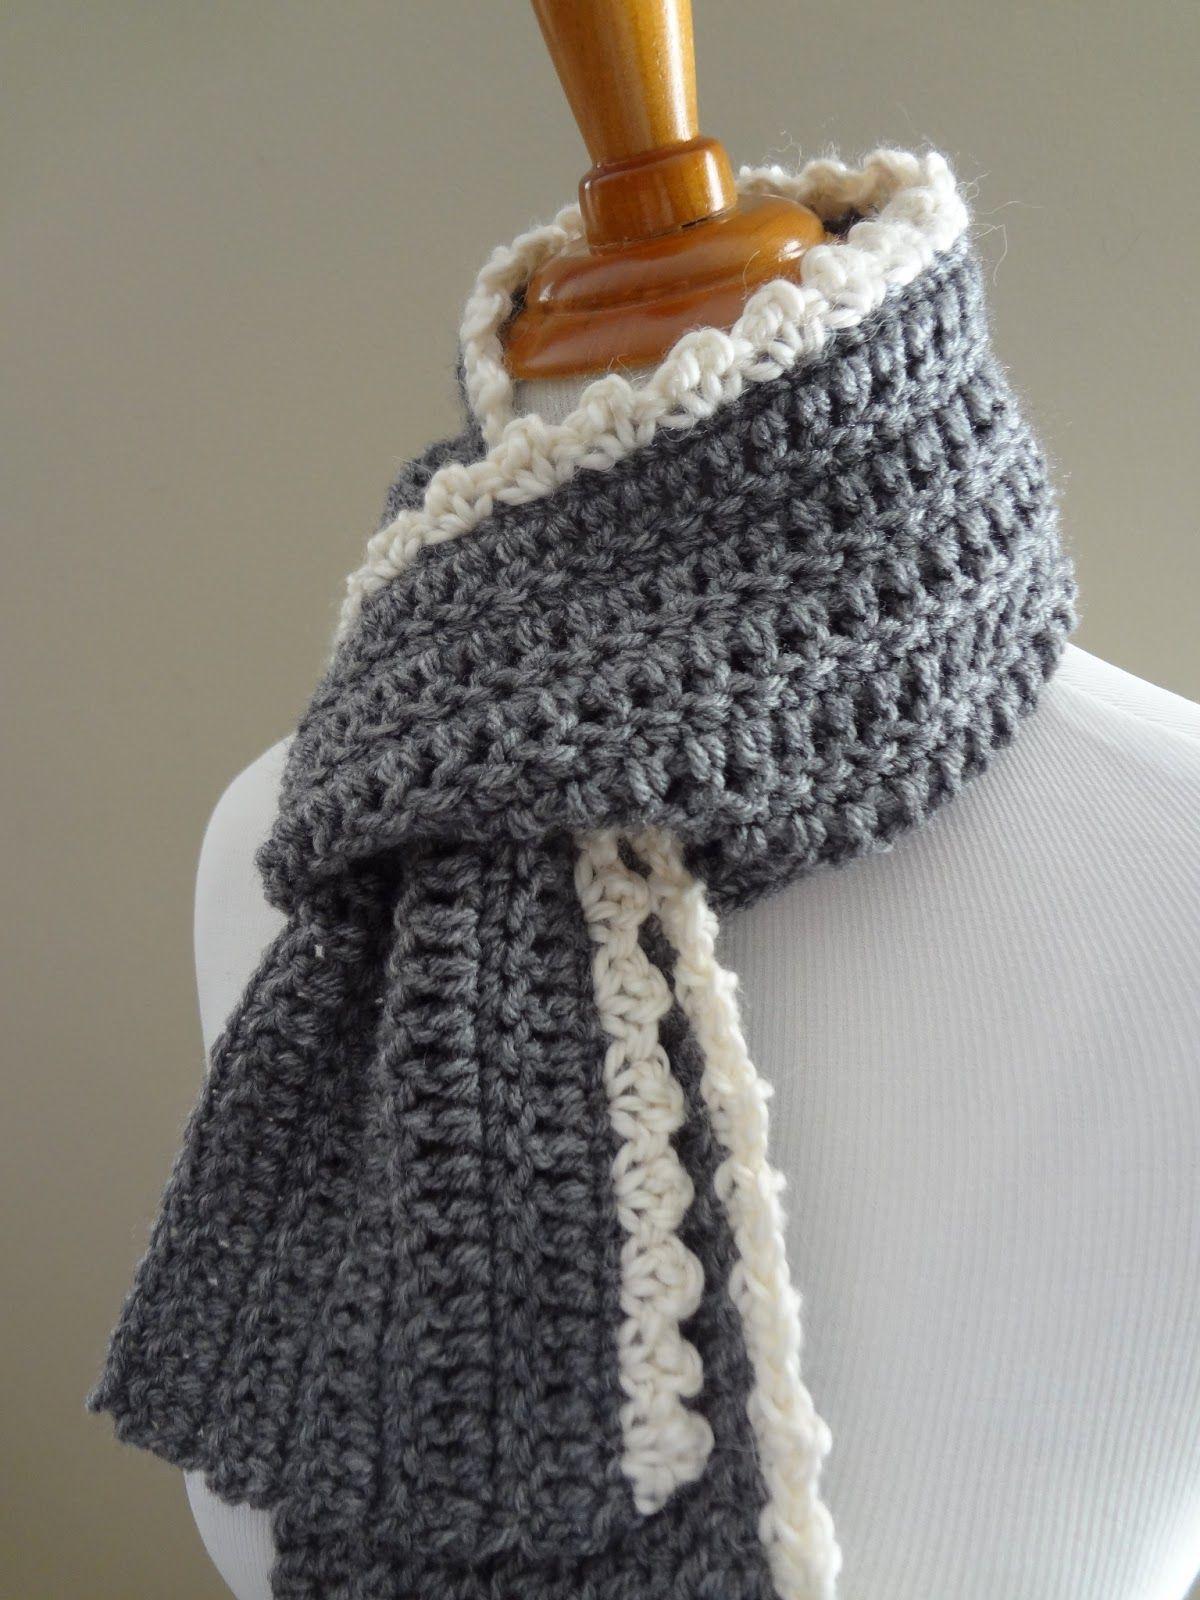 Free Crochet Patterningrid Scarf | Crochet | Pinterest | Crochet - Free Printable Crochet Scarf Patterns